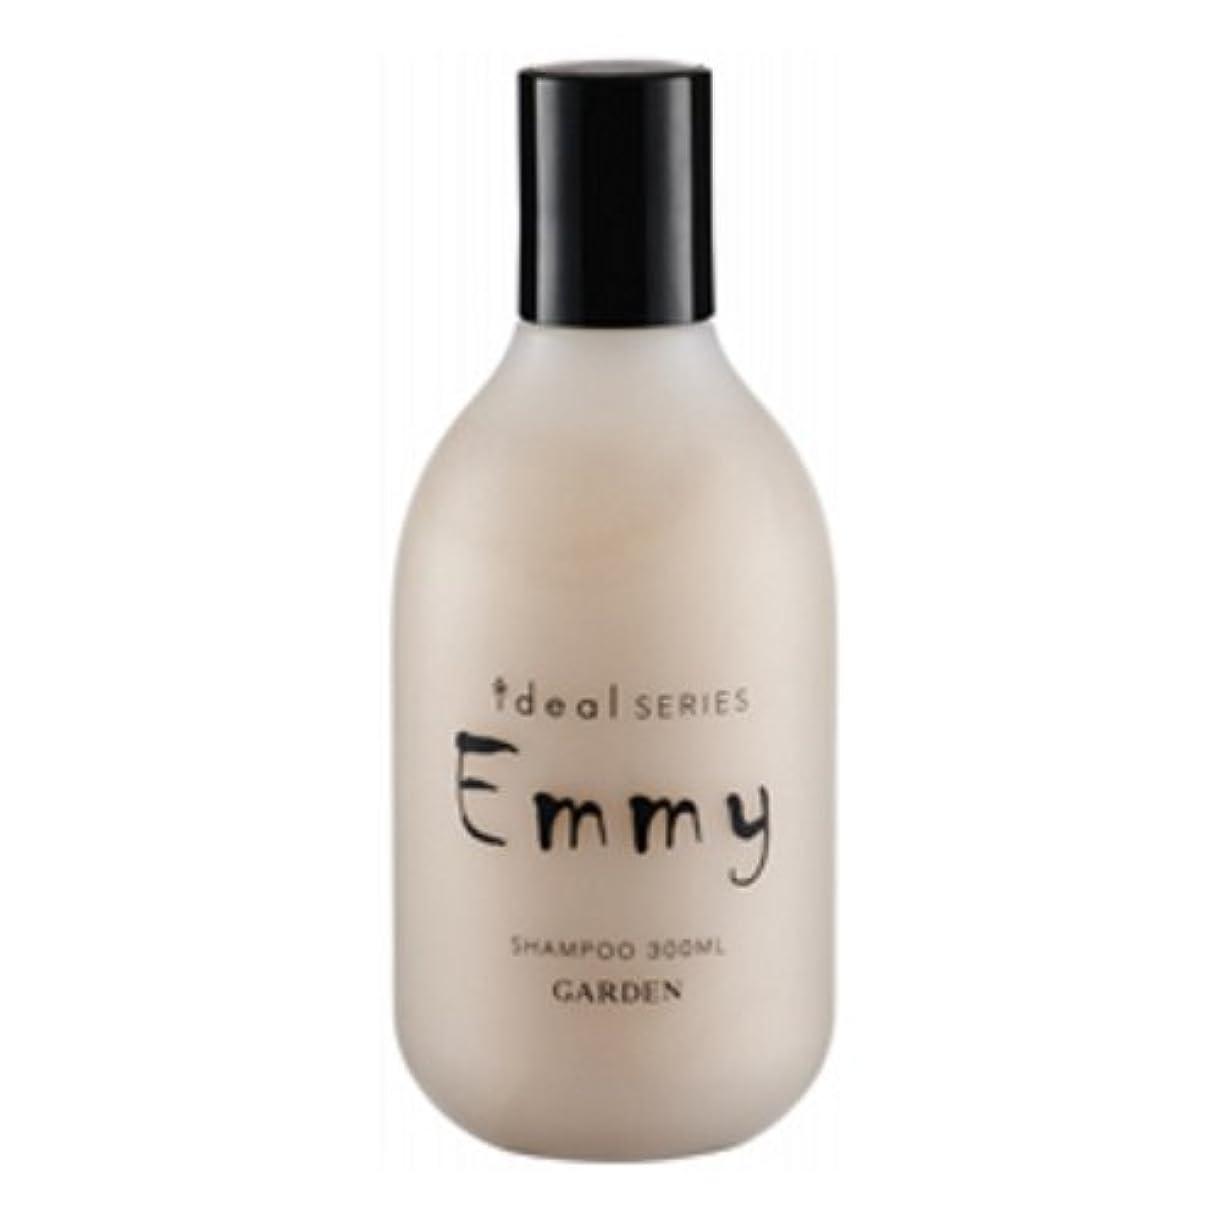 くちばしと闘う泳ぐGARDEN ideal SERIES (イデアルシリーズ) Emmy エミー ふんわりベーシックシャンプー 300ml